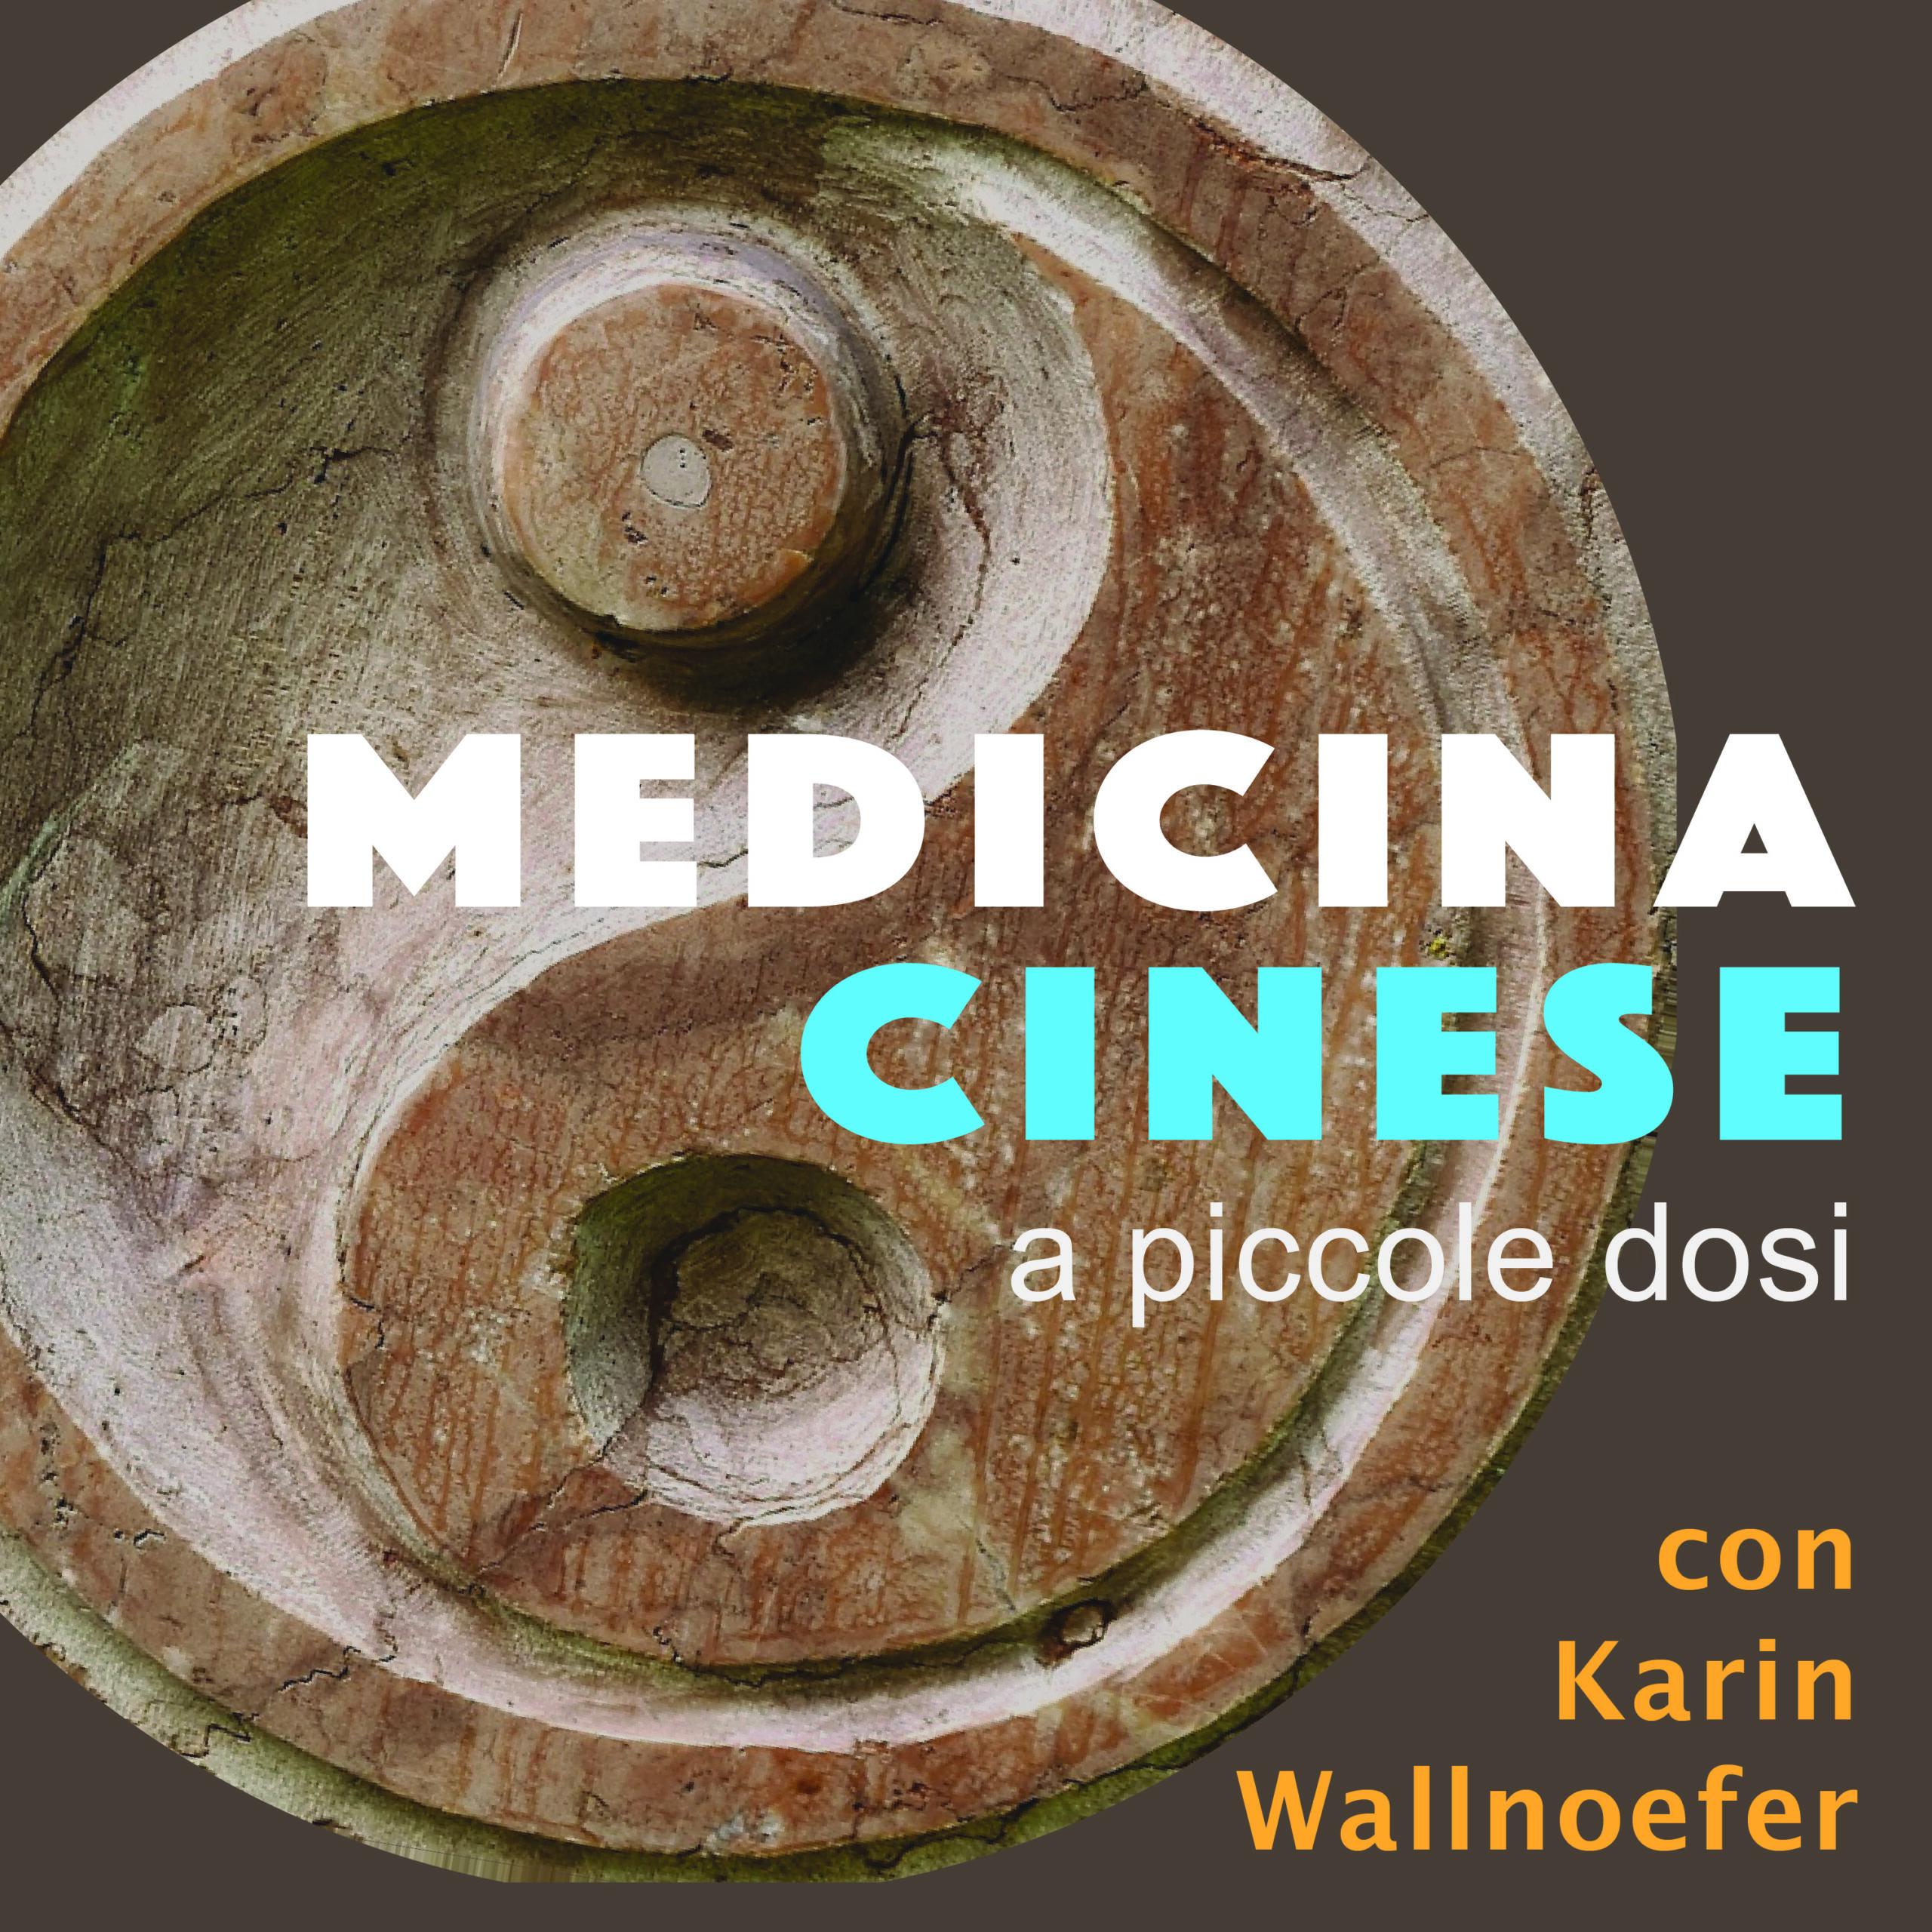 Medicina cinese a piccole dosi